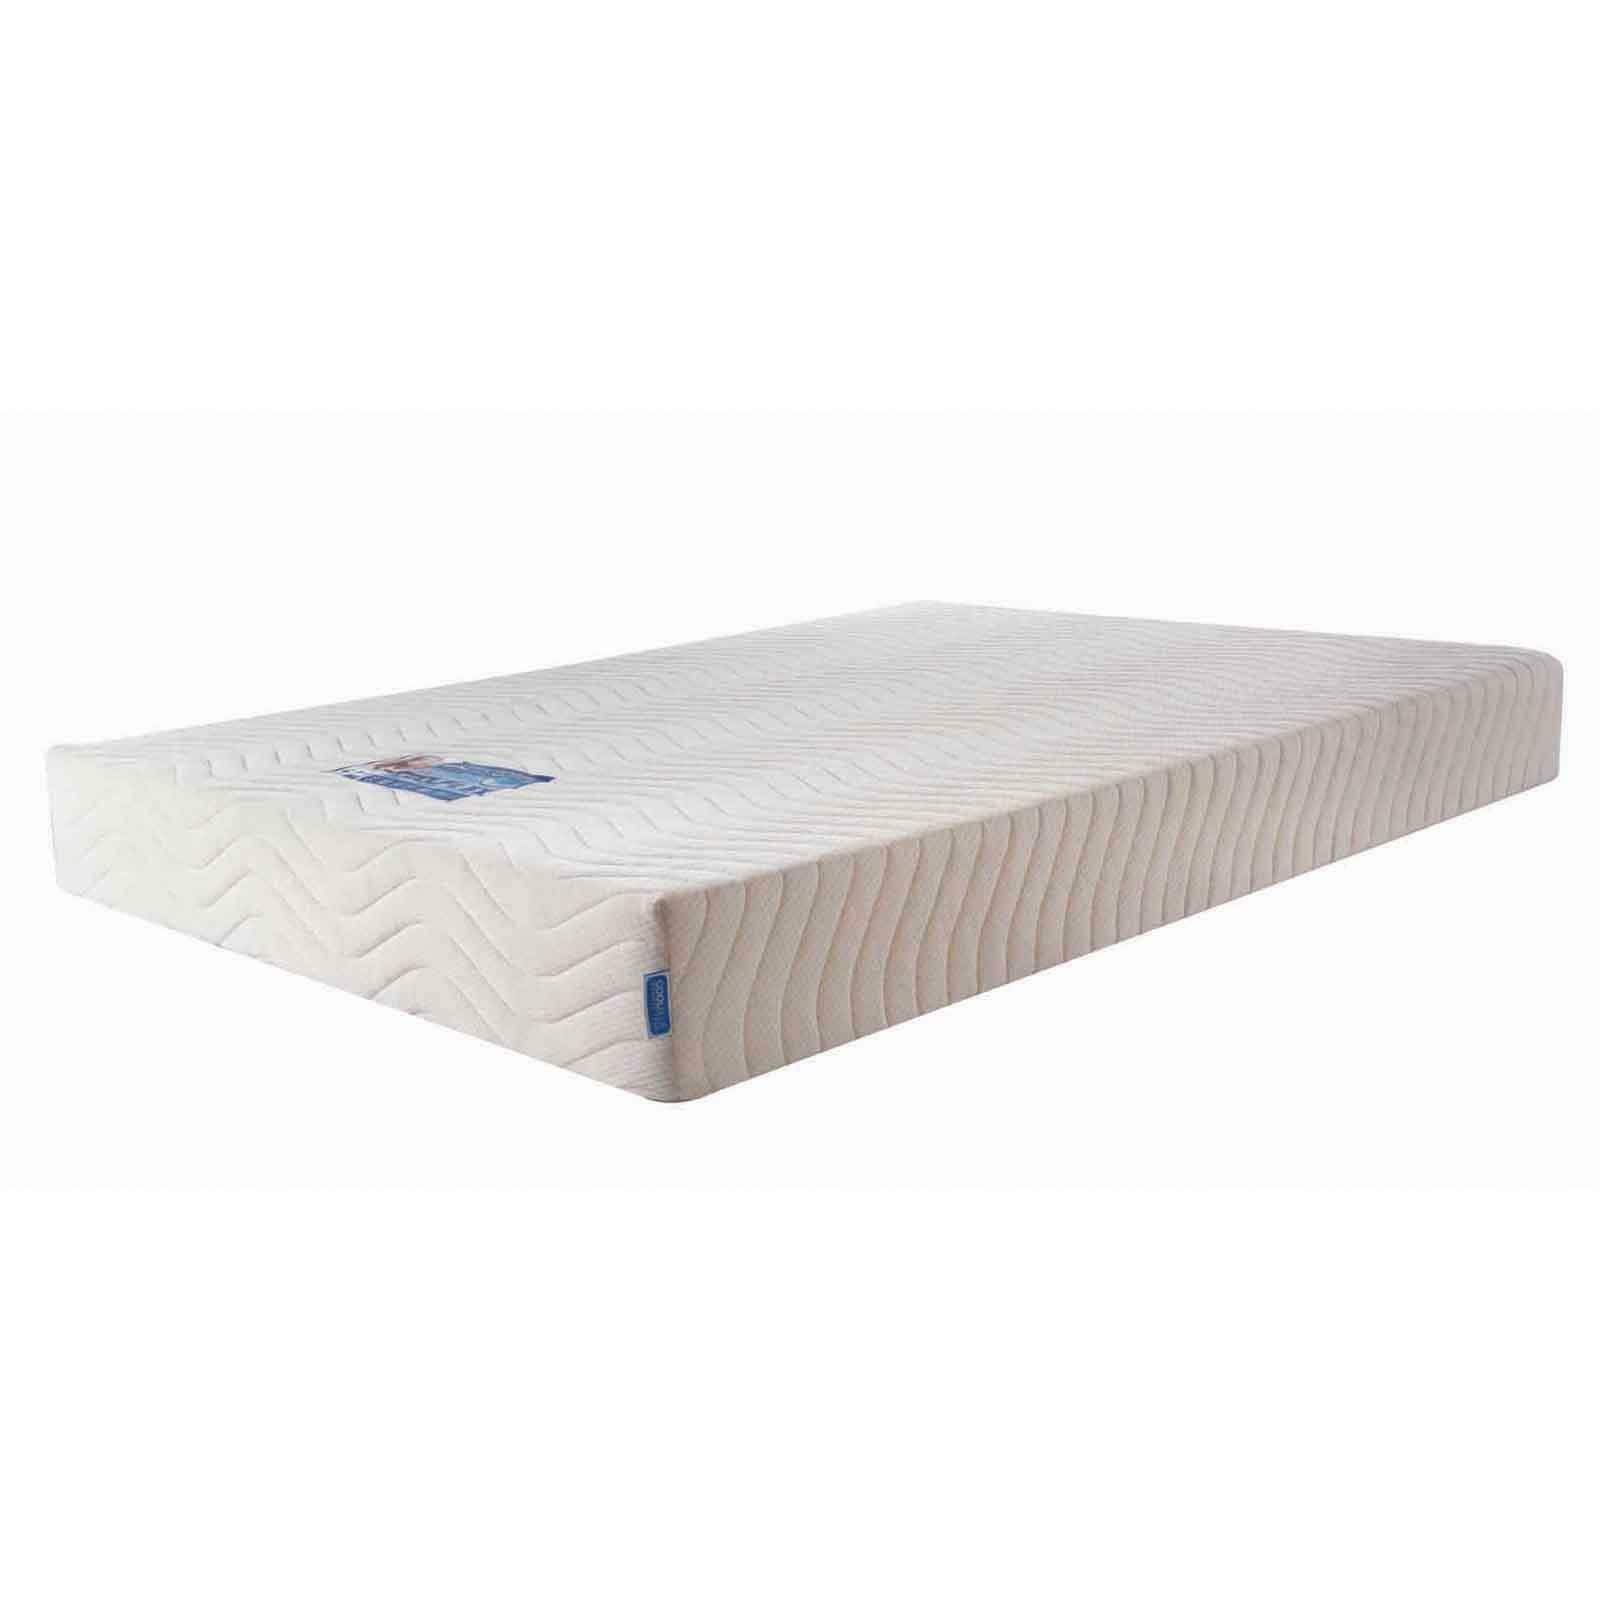 Single 10 Memory Foam Mattress Wowzooma